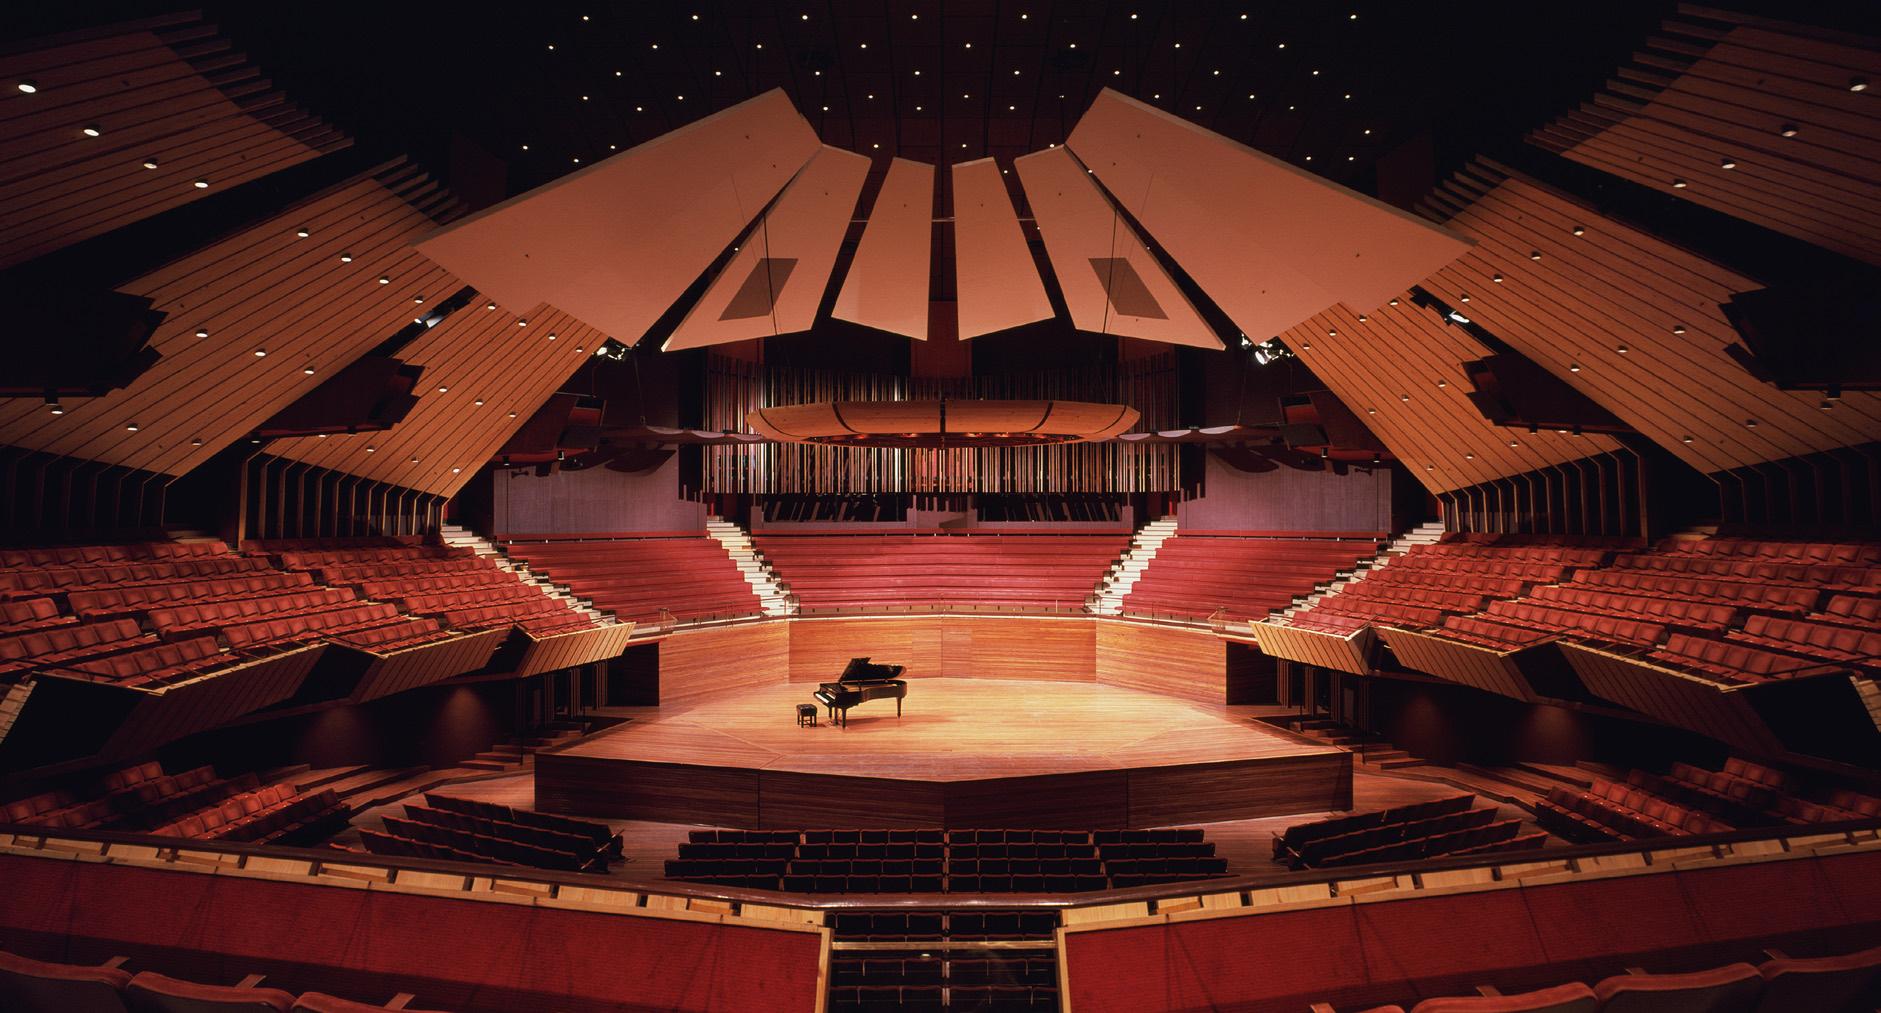 Christchurch Şehir Merkezi Konser Salonu - Yeni Zellanda